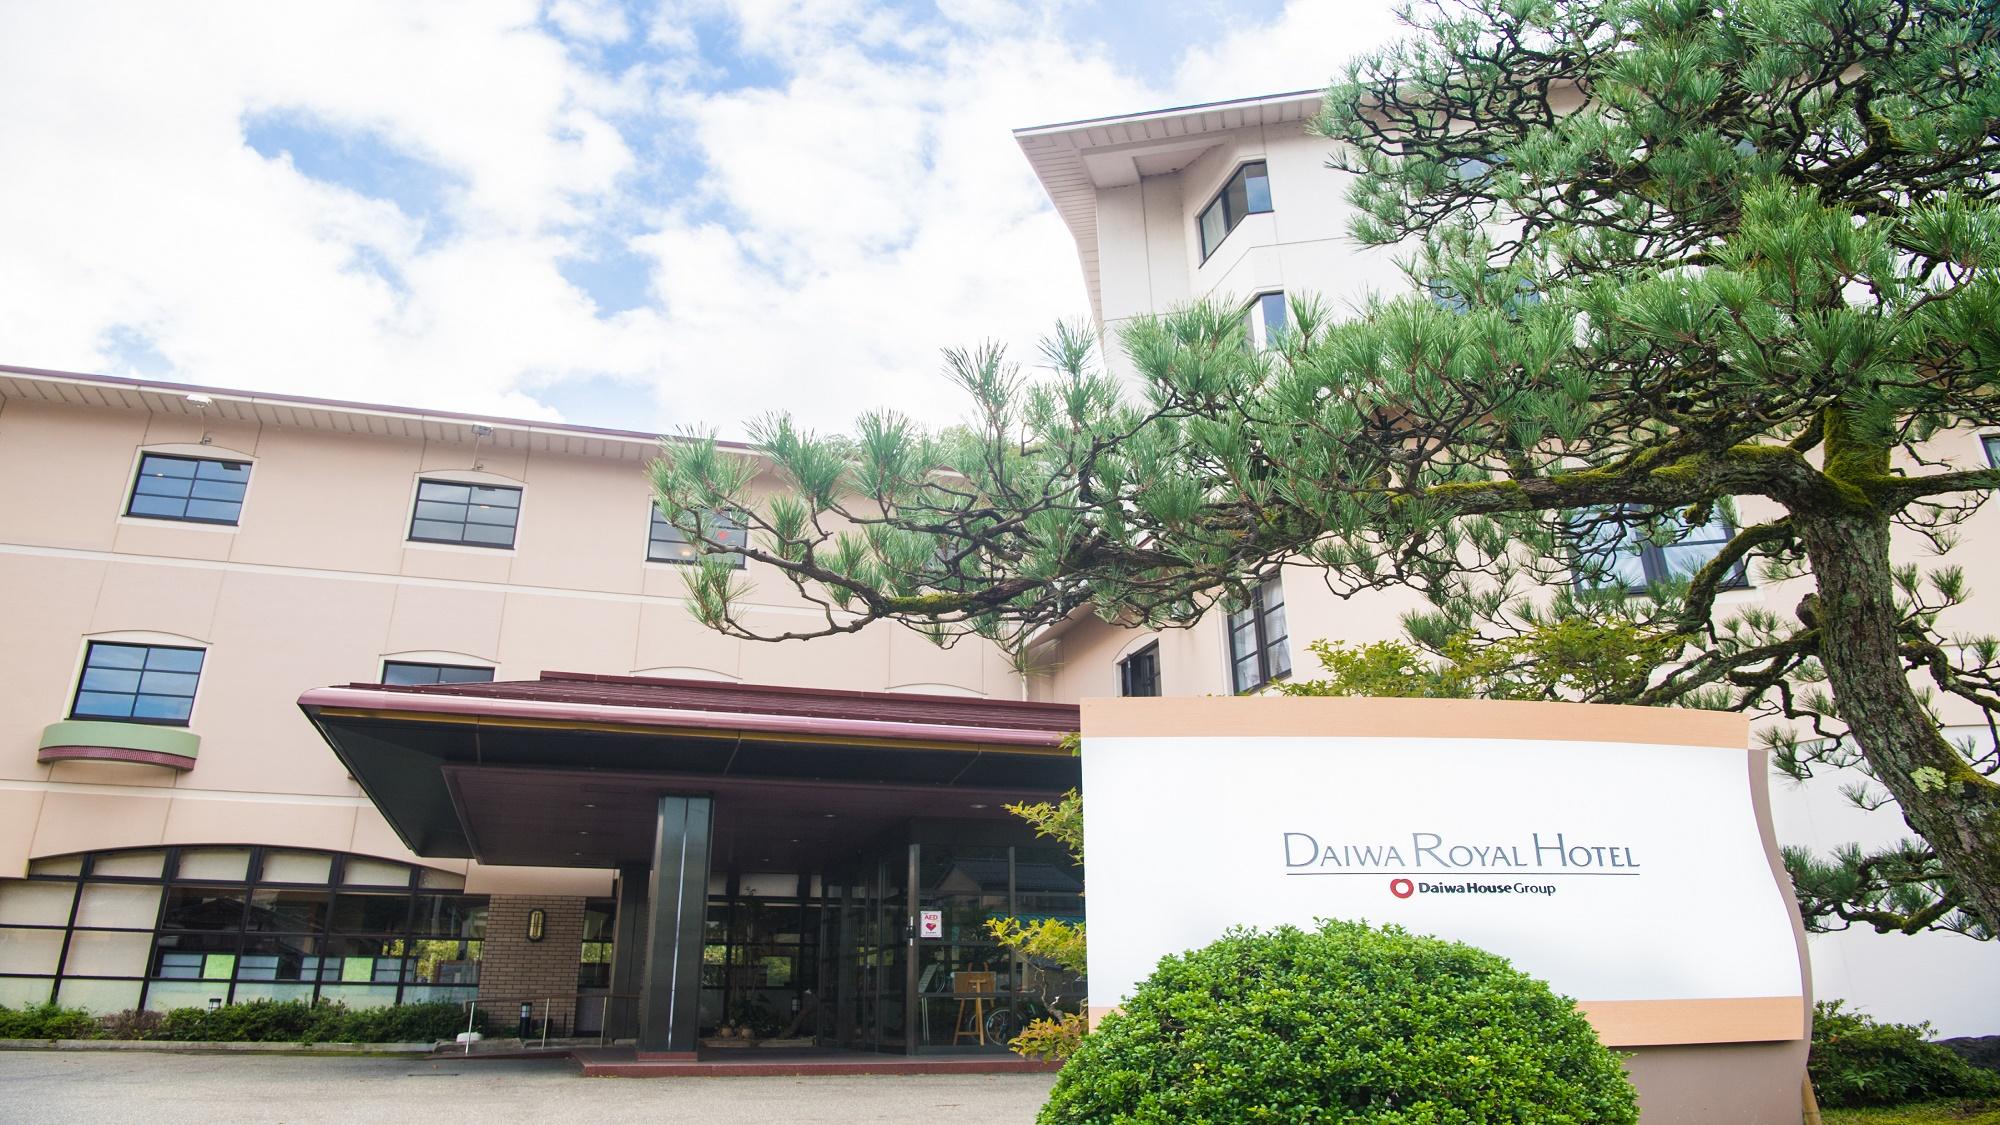 ロイヤルホテル 山中温泉河鹿荘 −DAIWA ROYAL HOTEL−